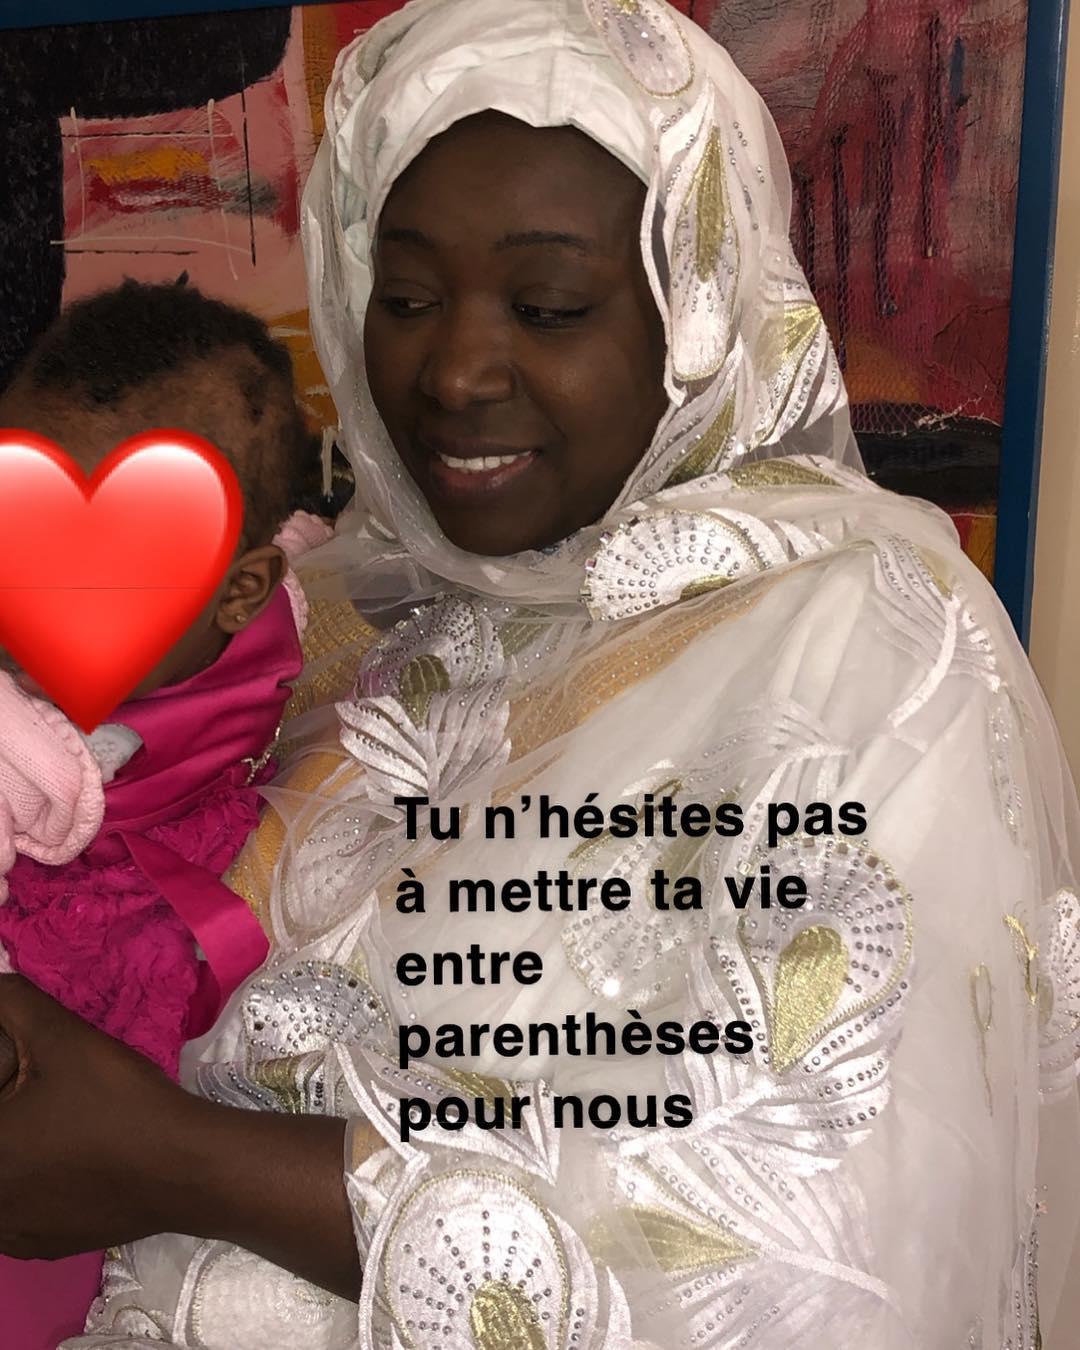 Khady-Bijou-Ndiaye-4-1 Frappante ressemblance : Khady Bijou Ndiaye dévoile sa mère pour la première fois (05 Photos)